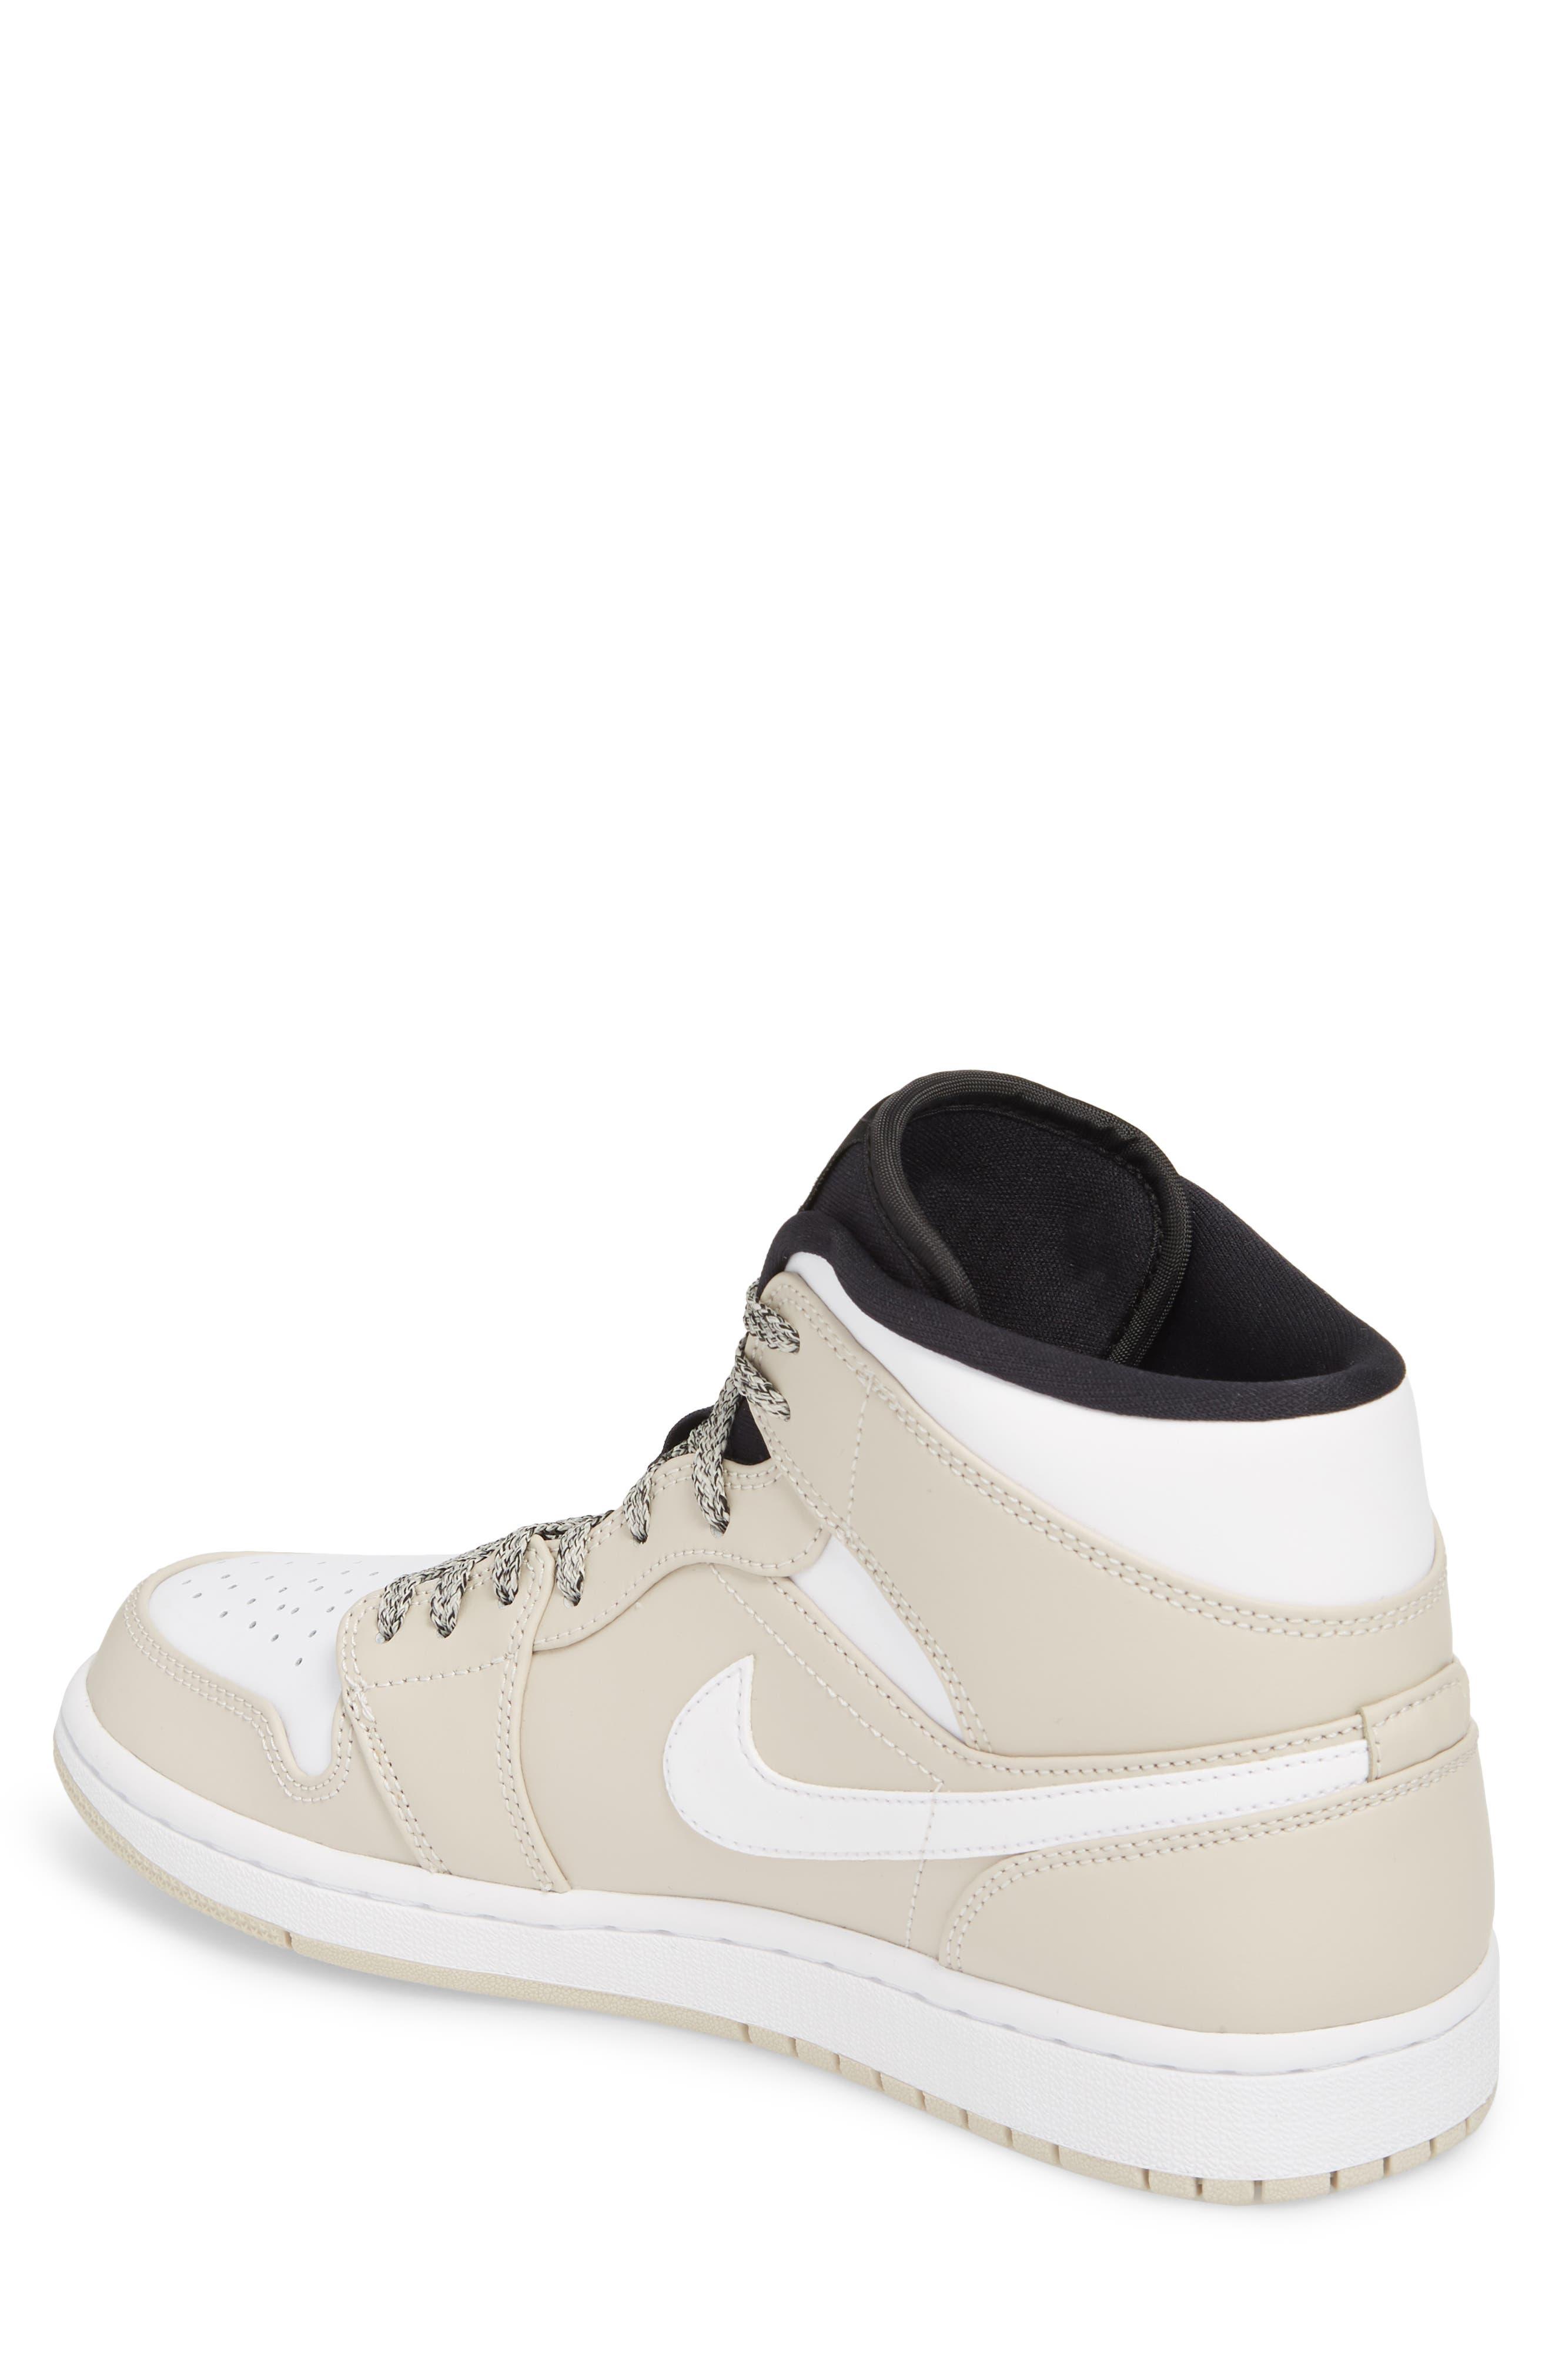 Alternate Image 2  - Nike 'Air Jordan 1 Mid' Sneaker (Men)